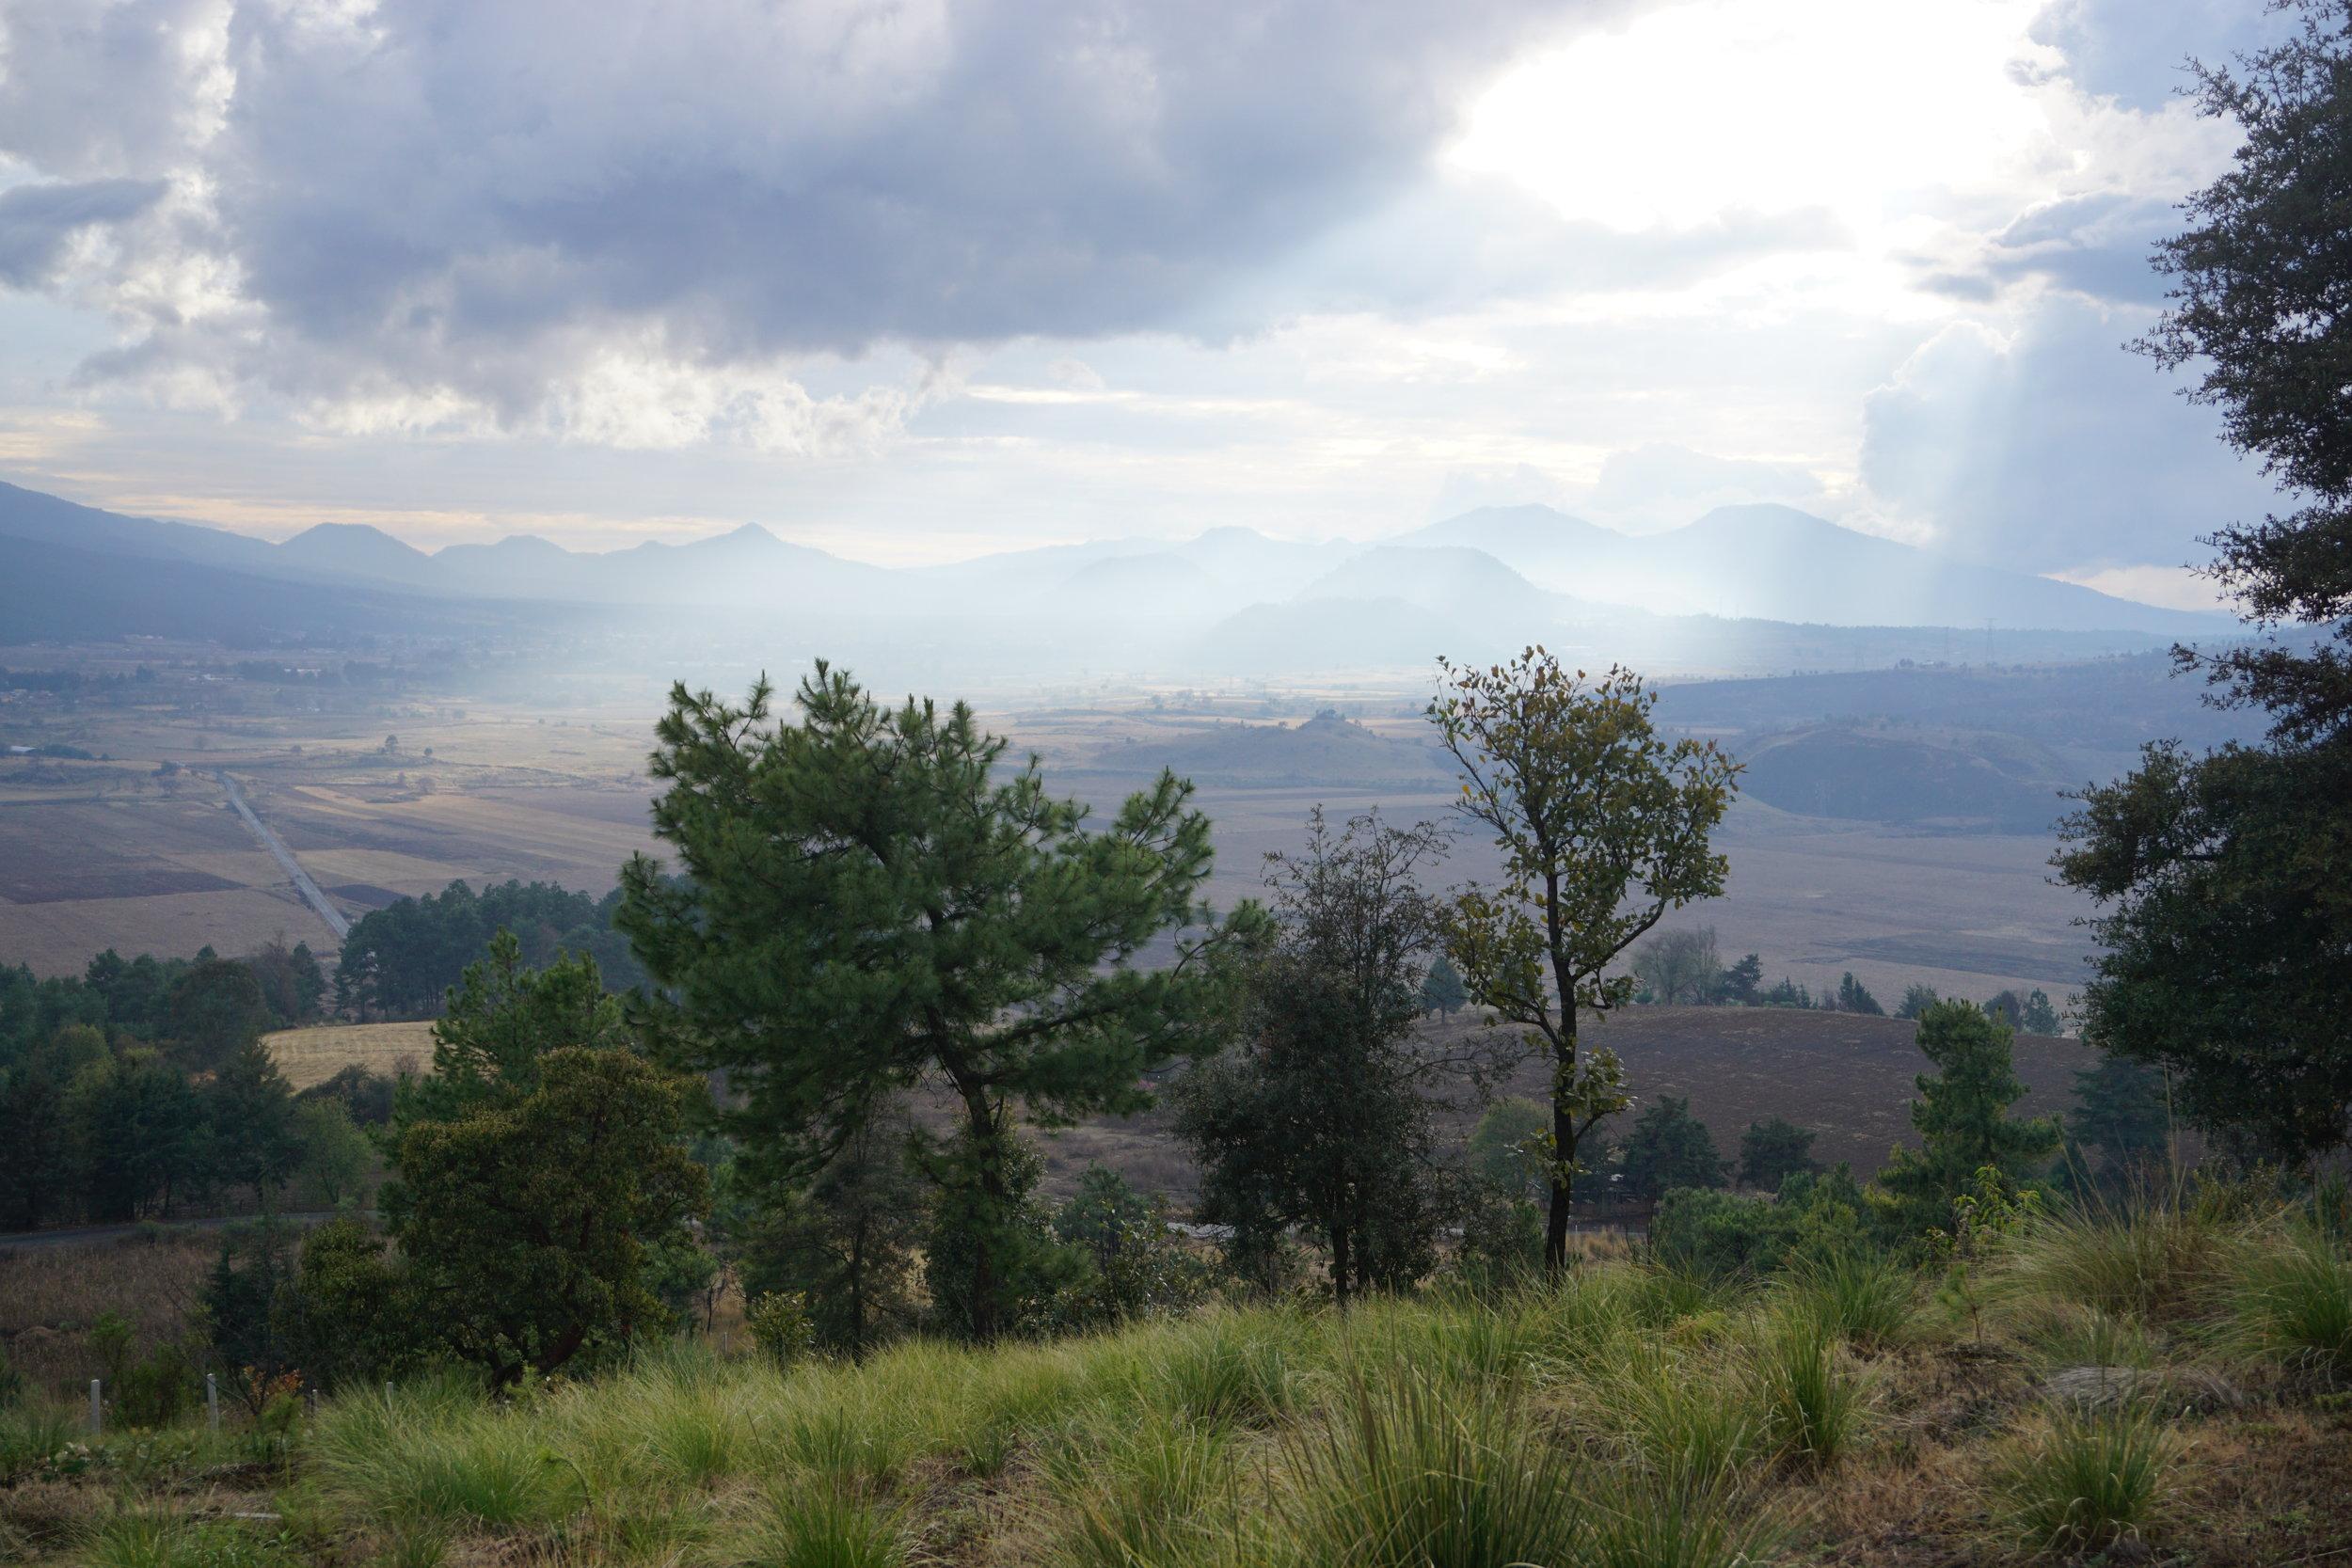 Valley below Cherán Atzicurín after rain shower